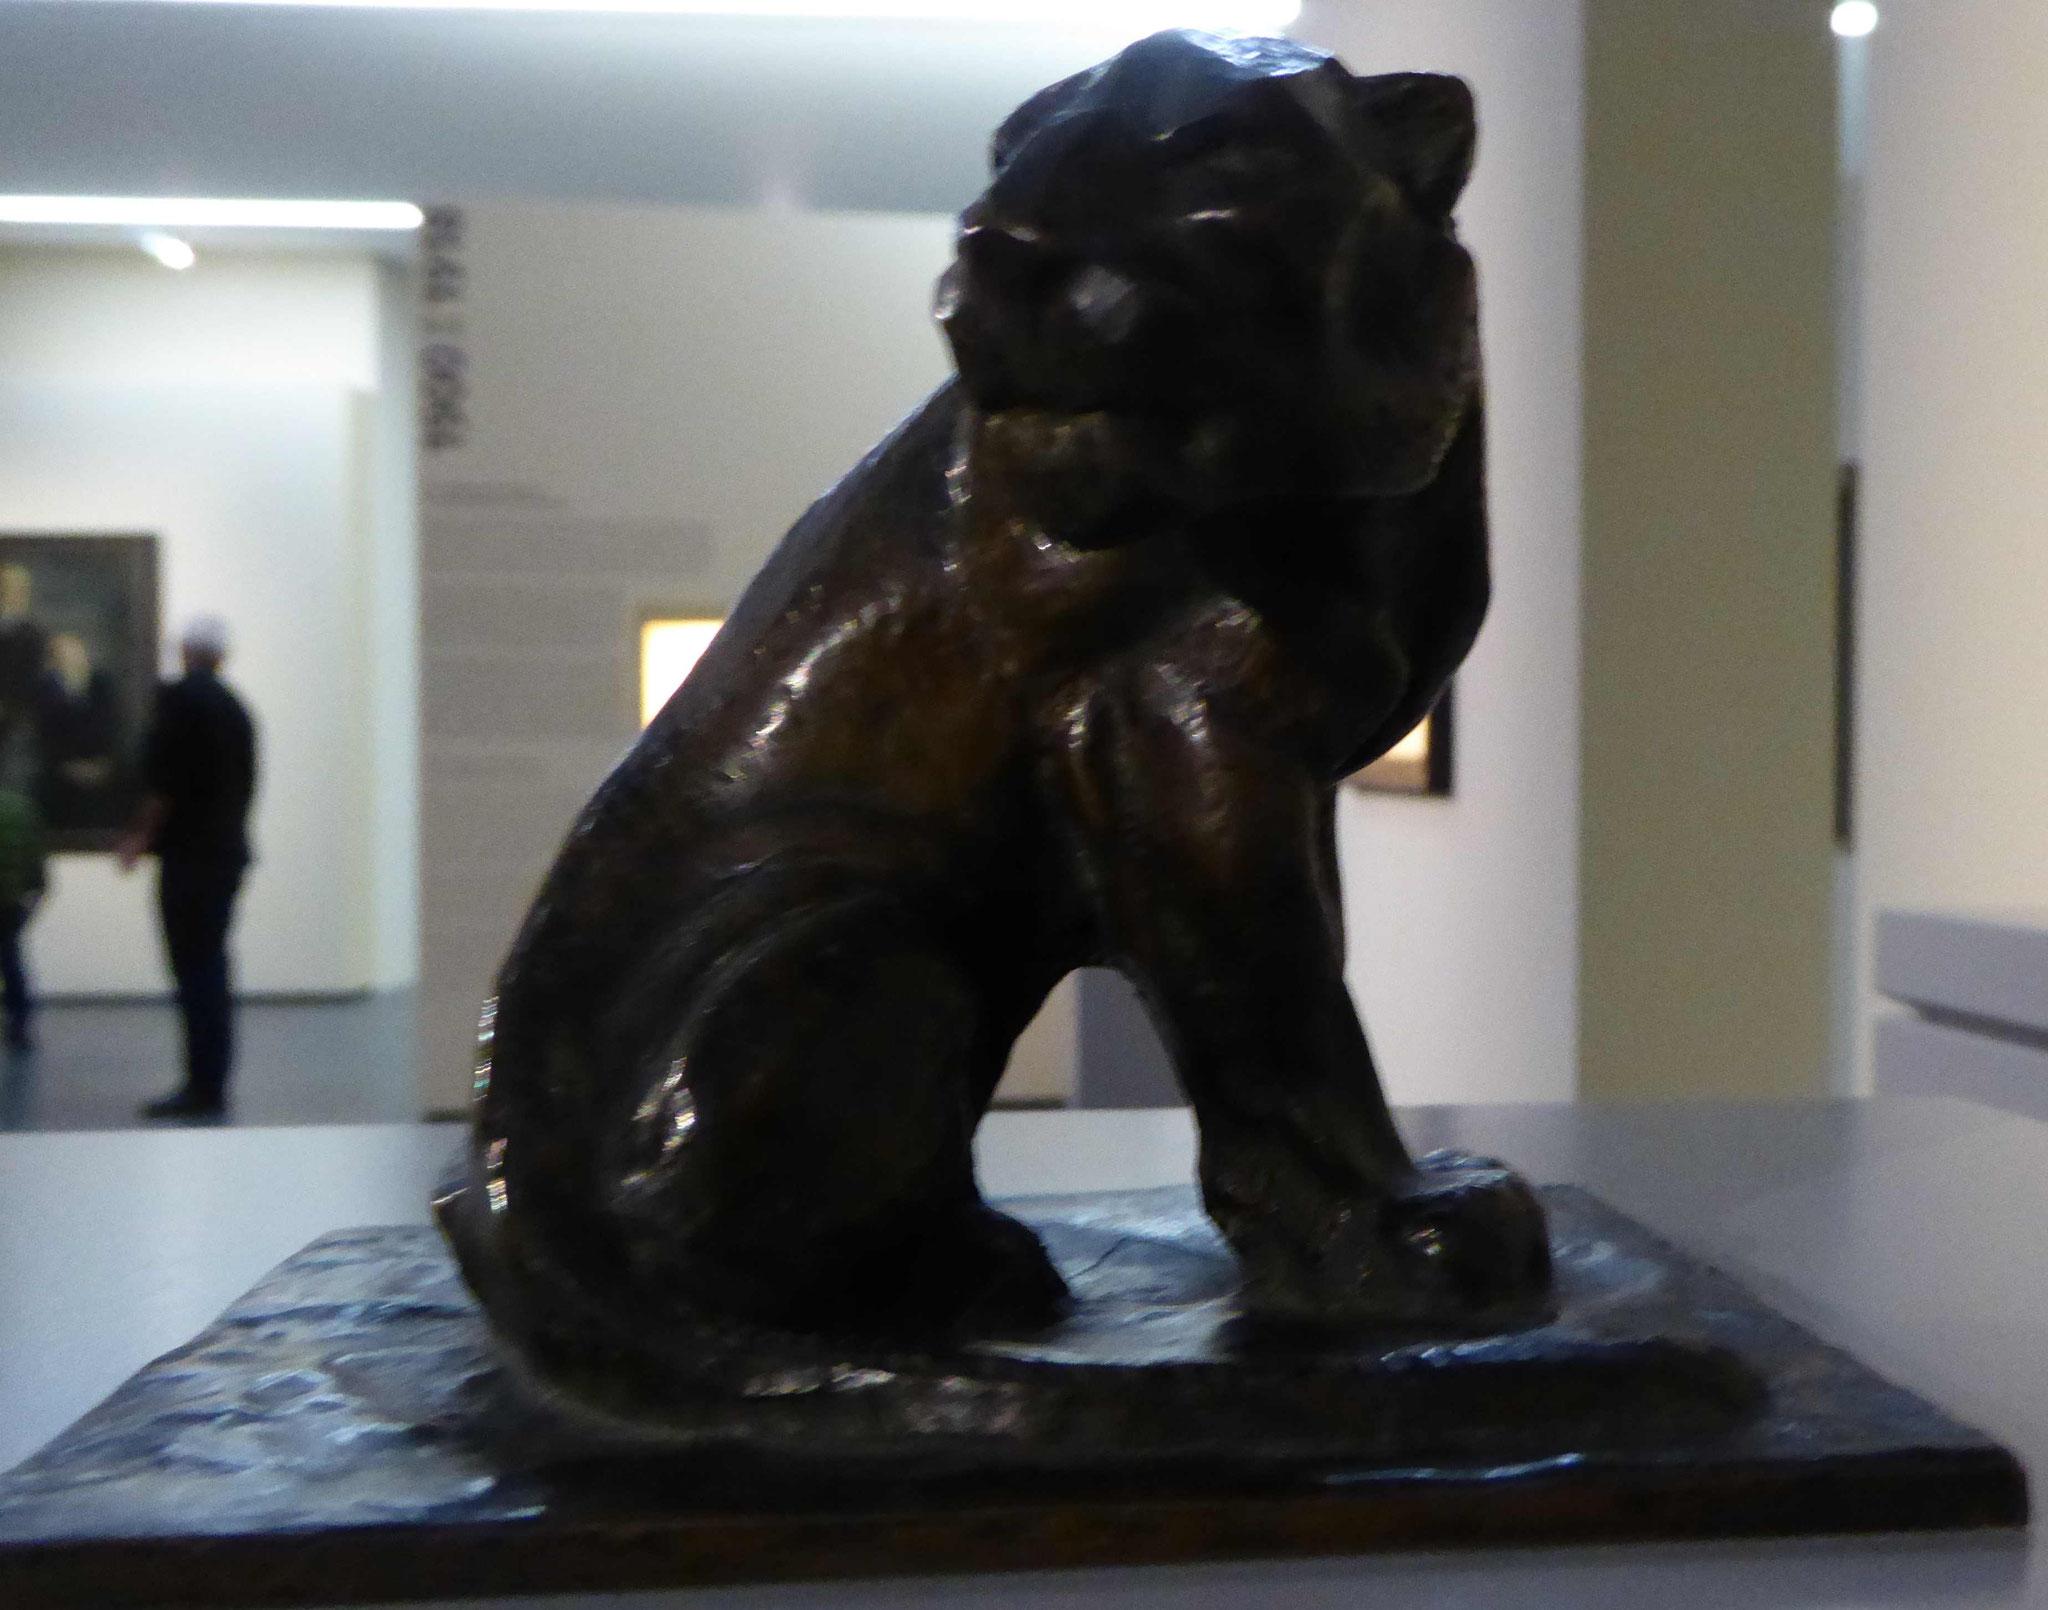 Franz Marc, Der Panther, 1908, Museum Moritzburg, Halle